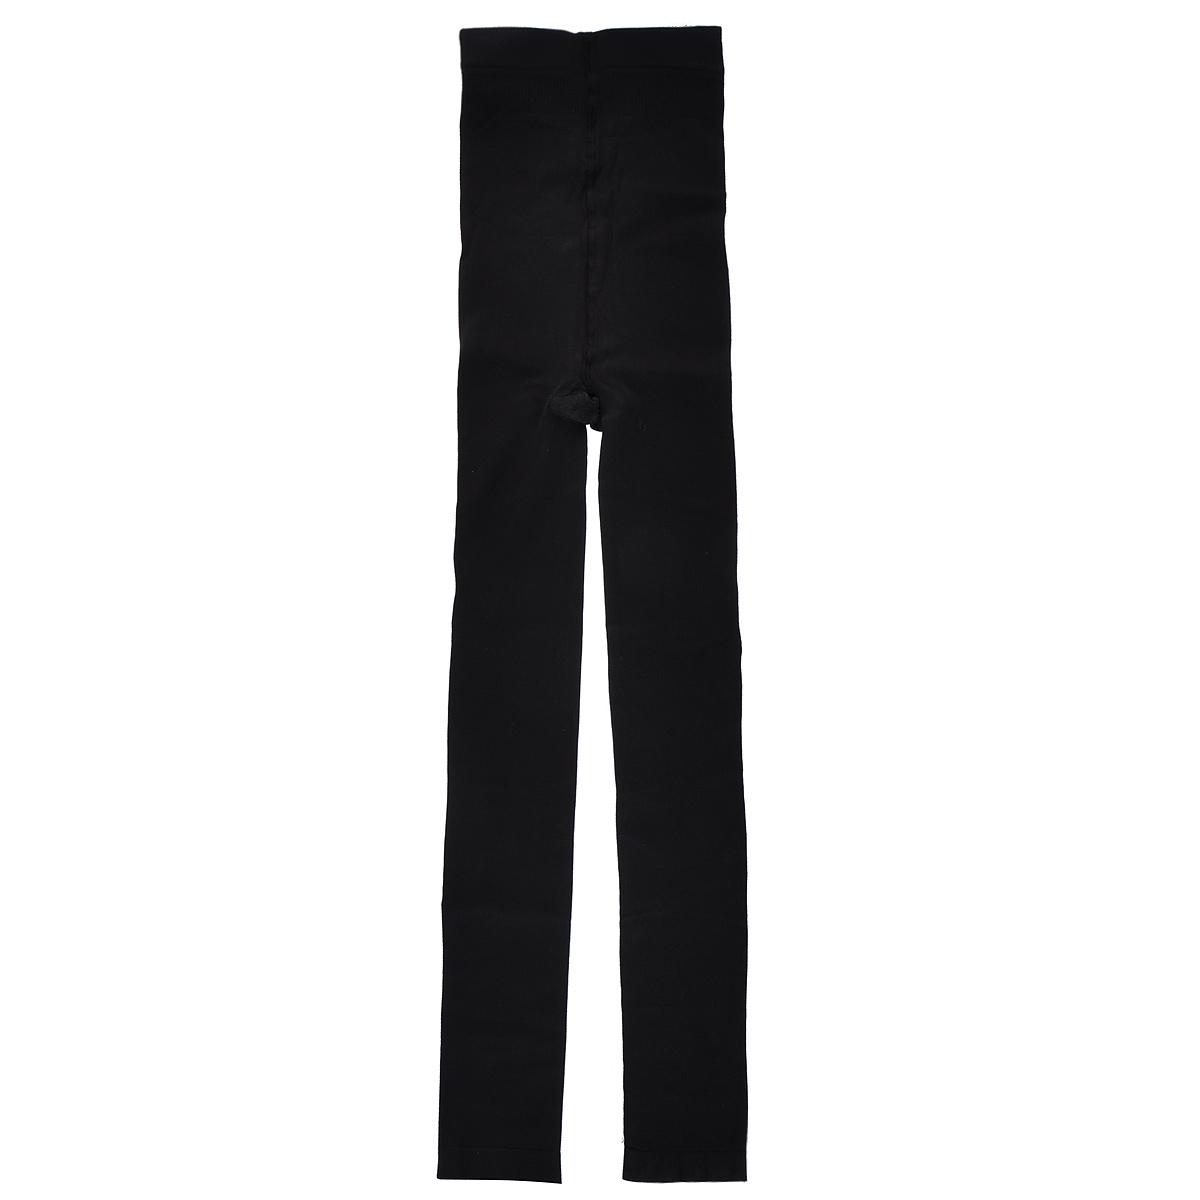 Корректирующее белье15SLЗамечательные леггинсы Magic BodyFashion Lower Body Slim Legging для красивых и элегантных стройных ног! Утягивающие леггинсы можно носить с любым платьем, юбкой или под брюки. У вас будут не просто стройные ноги - леггинсы визуально делают ноги длиннее. В то же время леггинсы прекрасно утягивают и поддерживают область живота.. Изделие позволяет приобрести выразительные линии своего тела за считанные секунды (можно скрыть все лишнее). Белье Magic BodyFashion создано для тех, кто стремится к безупречности своего стиля. Именно благодаря ему огромное количество женщин чувствуют себя поистине соблазнительными, привлекательными и не на шутку уверенными в себе.